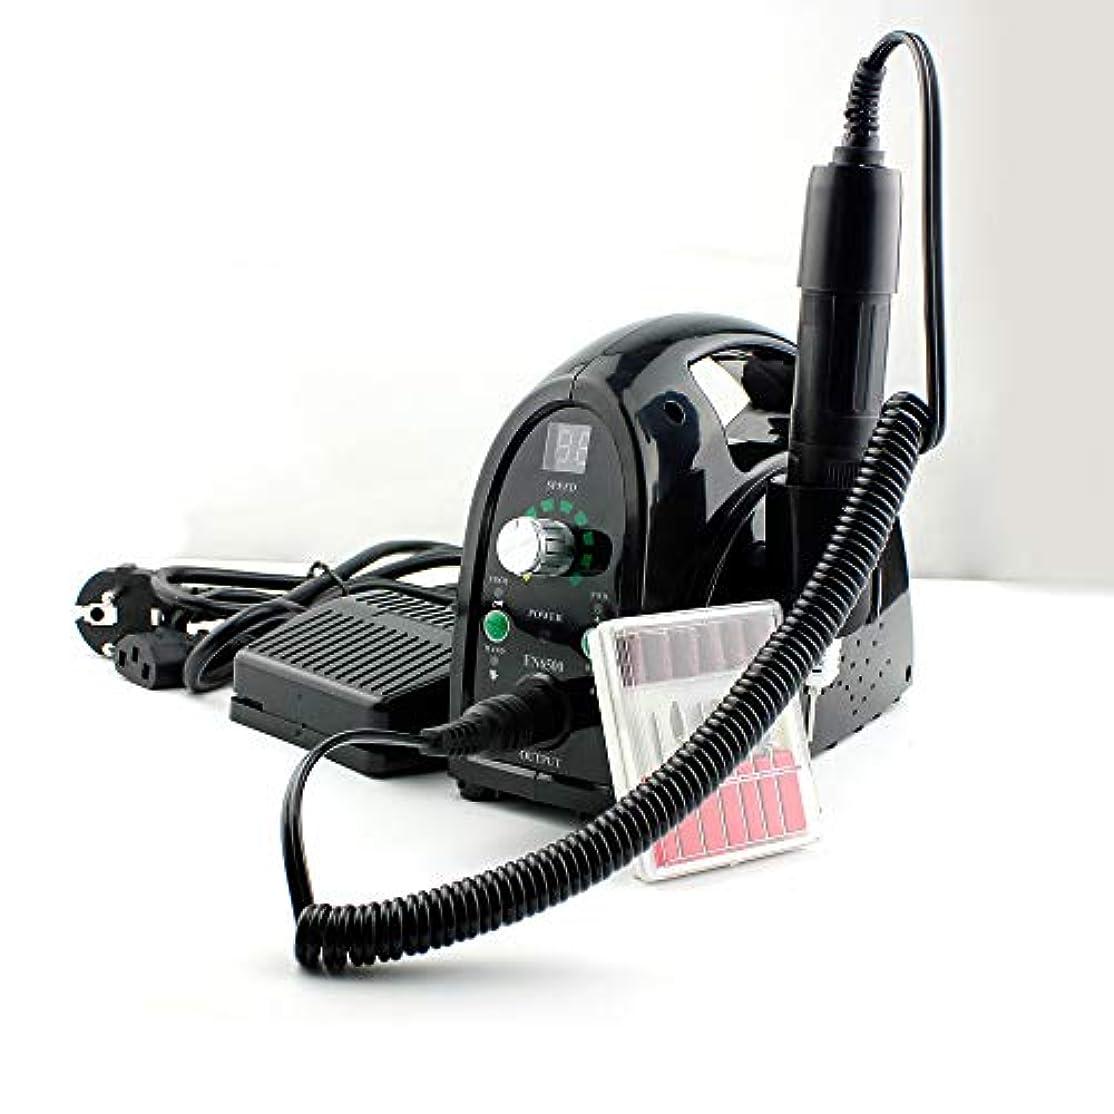 チーフ警察署支払い多機能電気ネイルドリルマシンネイルファイルドリルペンキット、25,000 RPMプロフェッショナルネイルドリルマシンネイルアートドリルKIT,黒